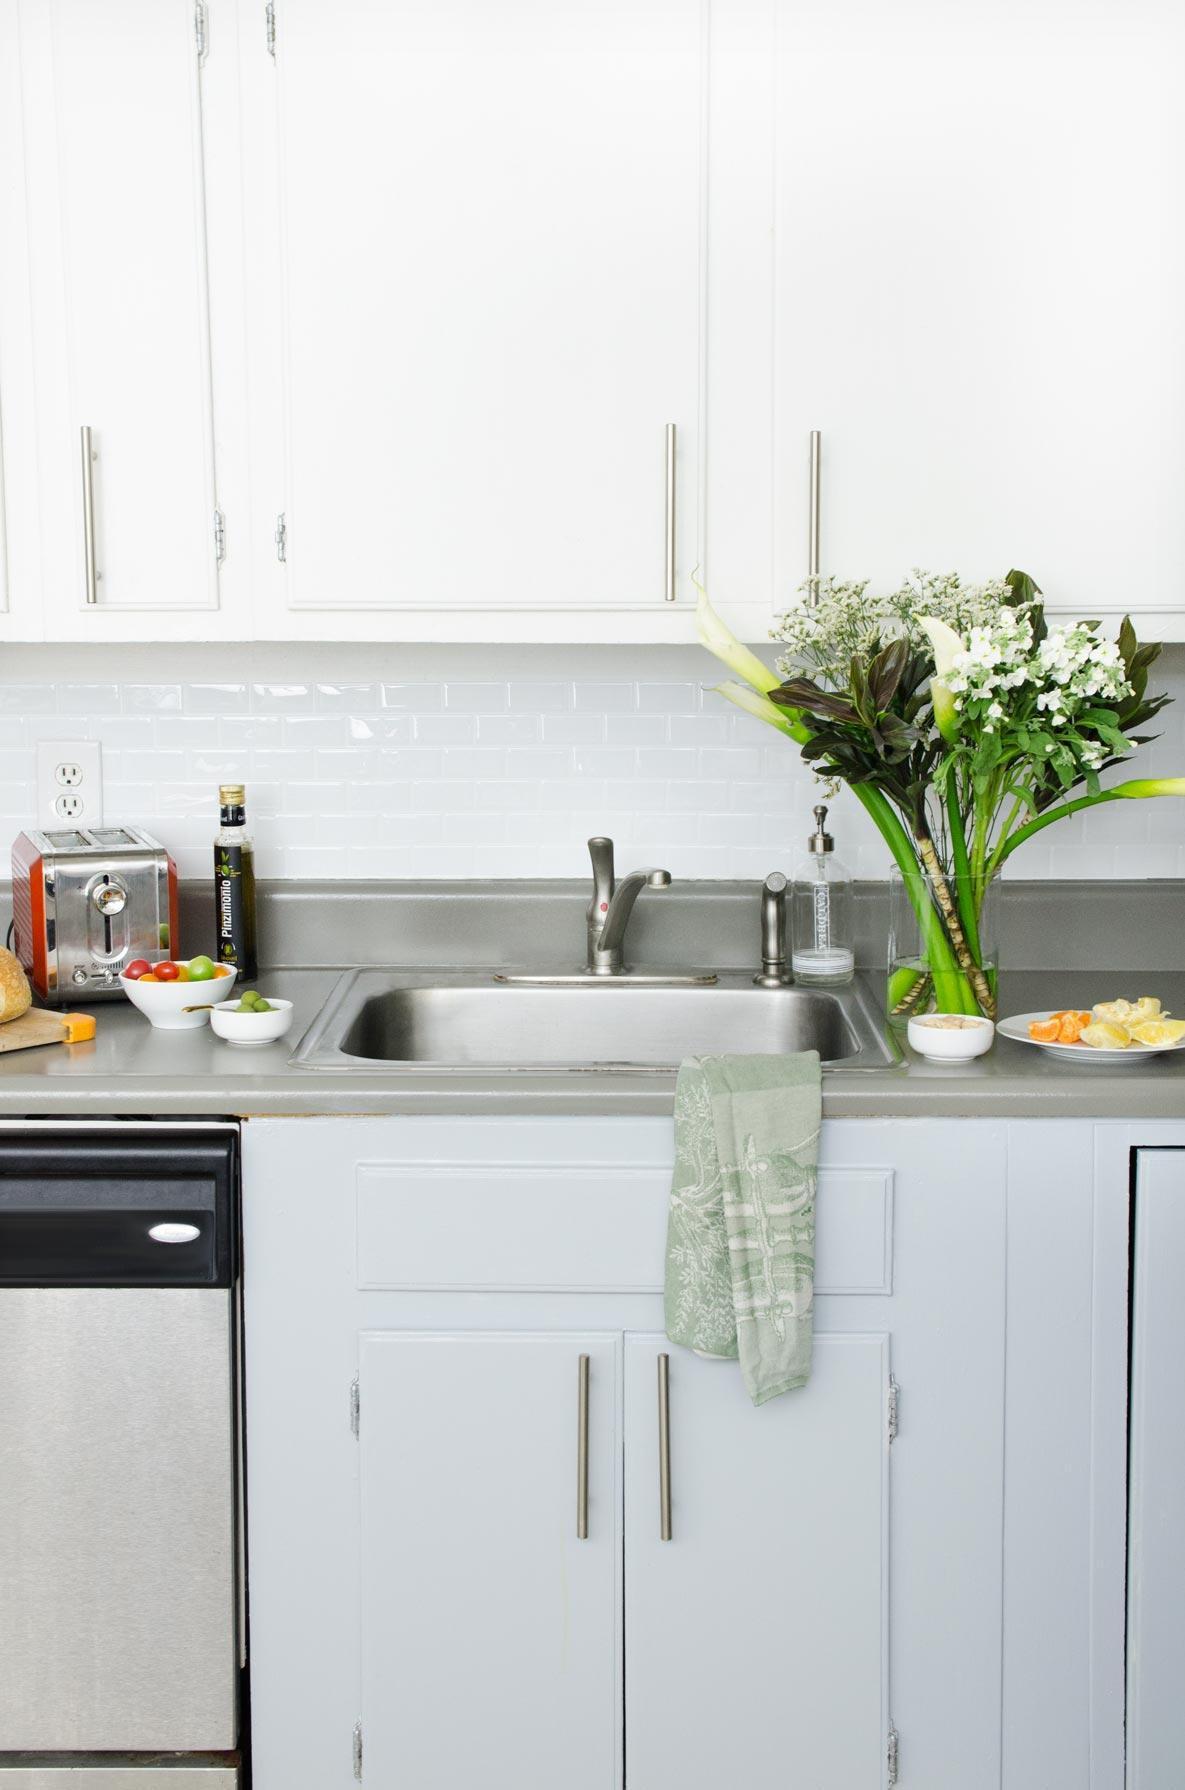 12. DIY Rental Kitchen Transformation